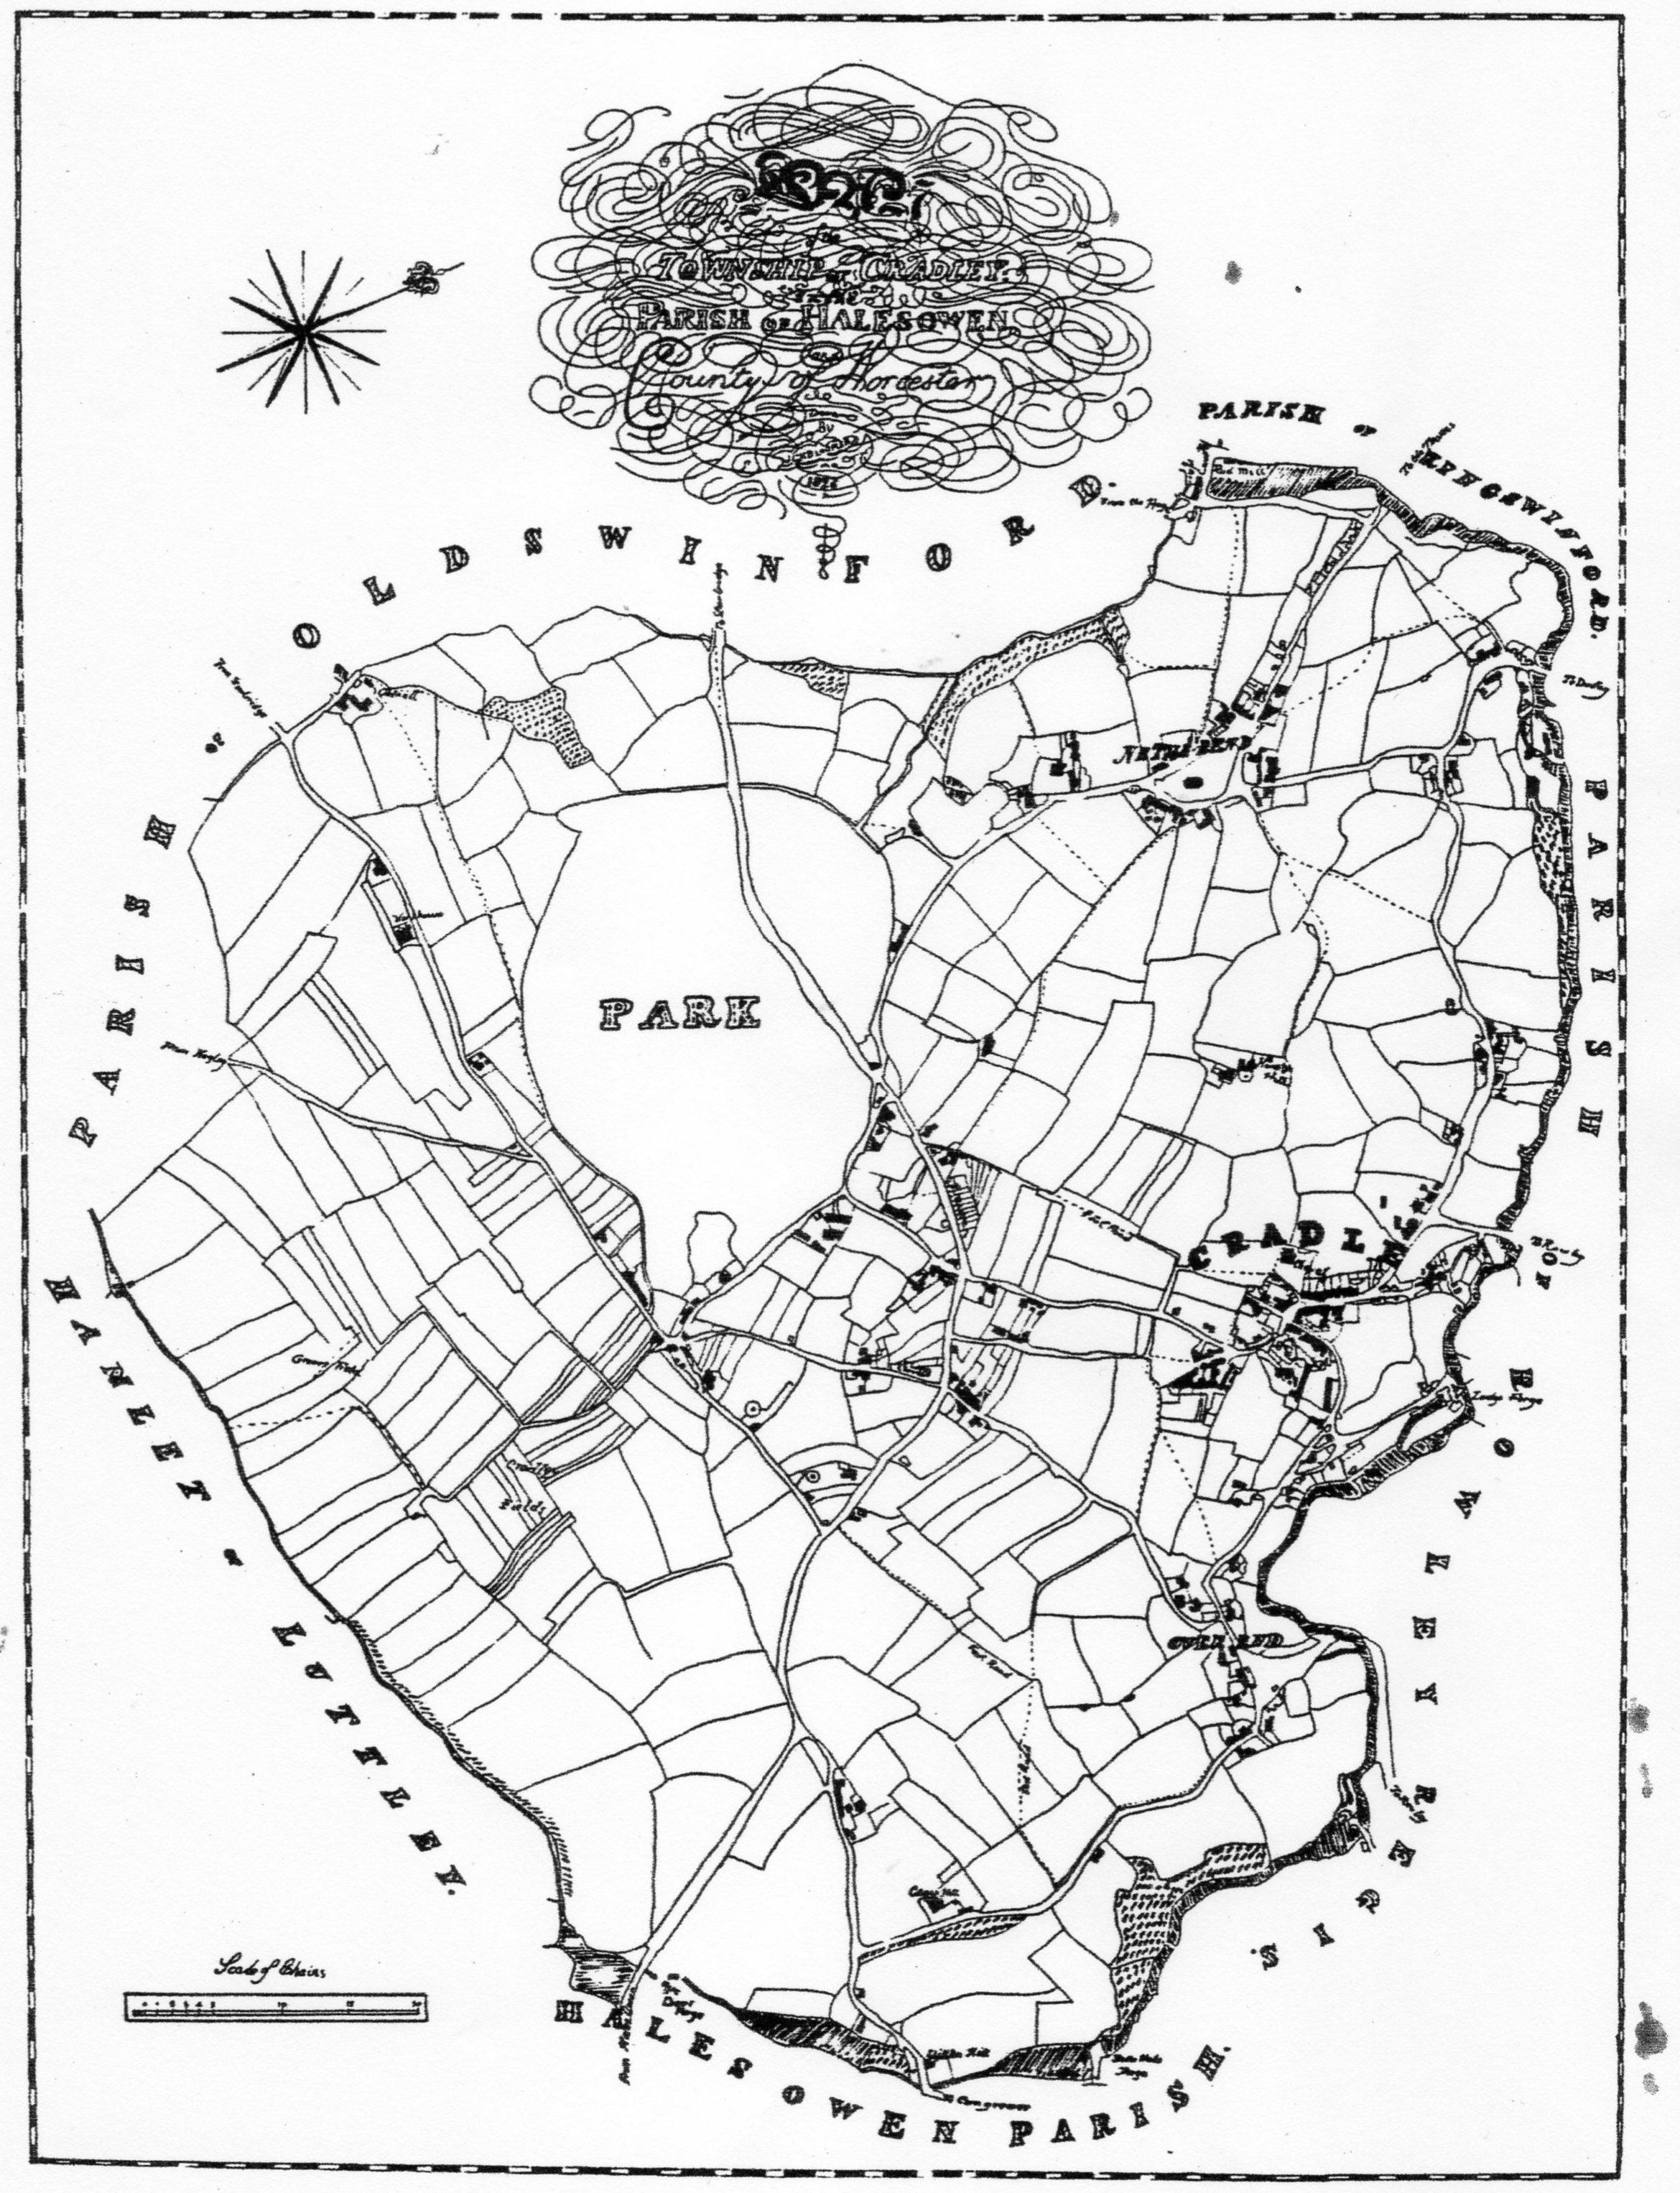 Z002_Map-of-Cradley